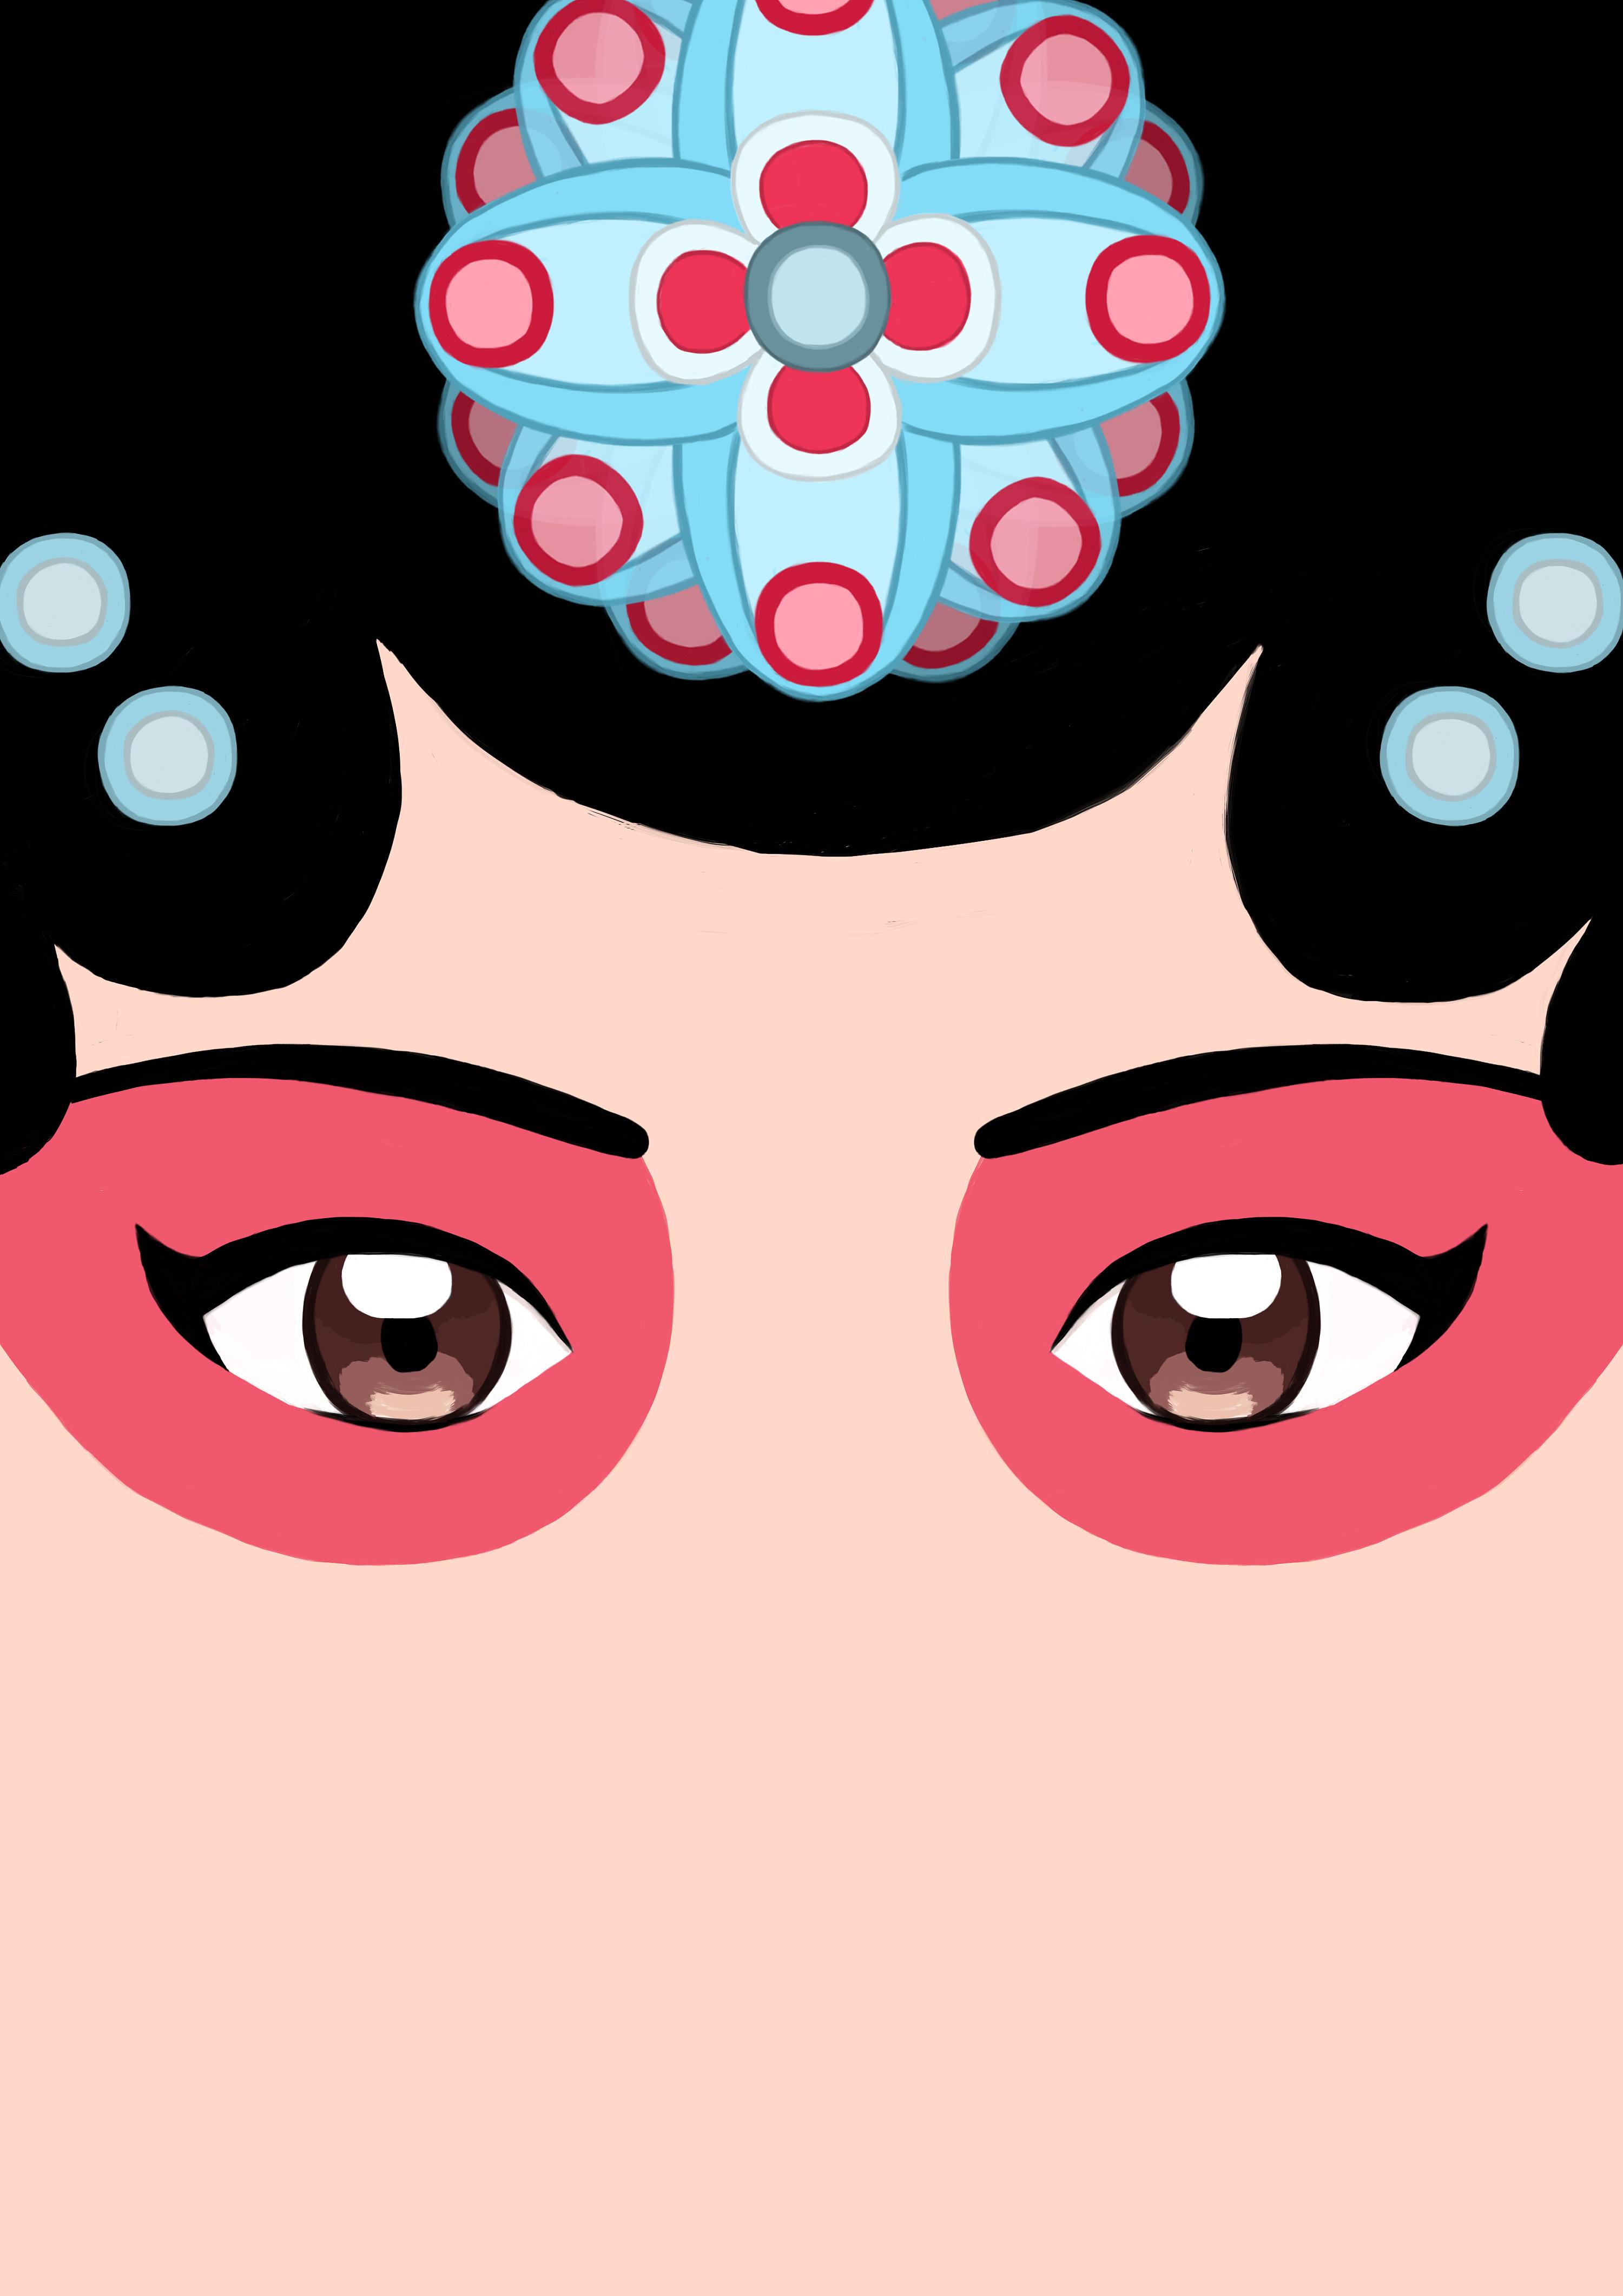 昆曲脸谱元素文创设计